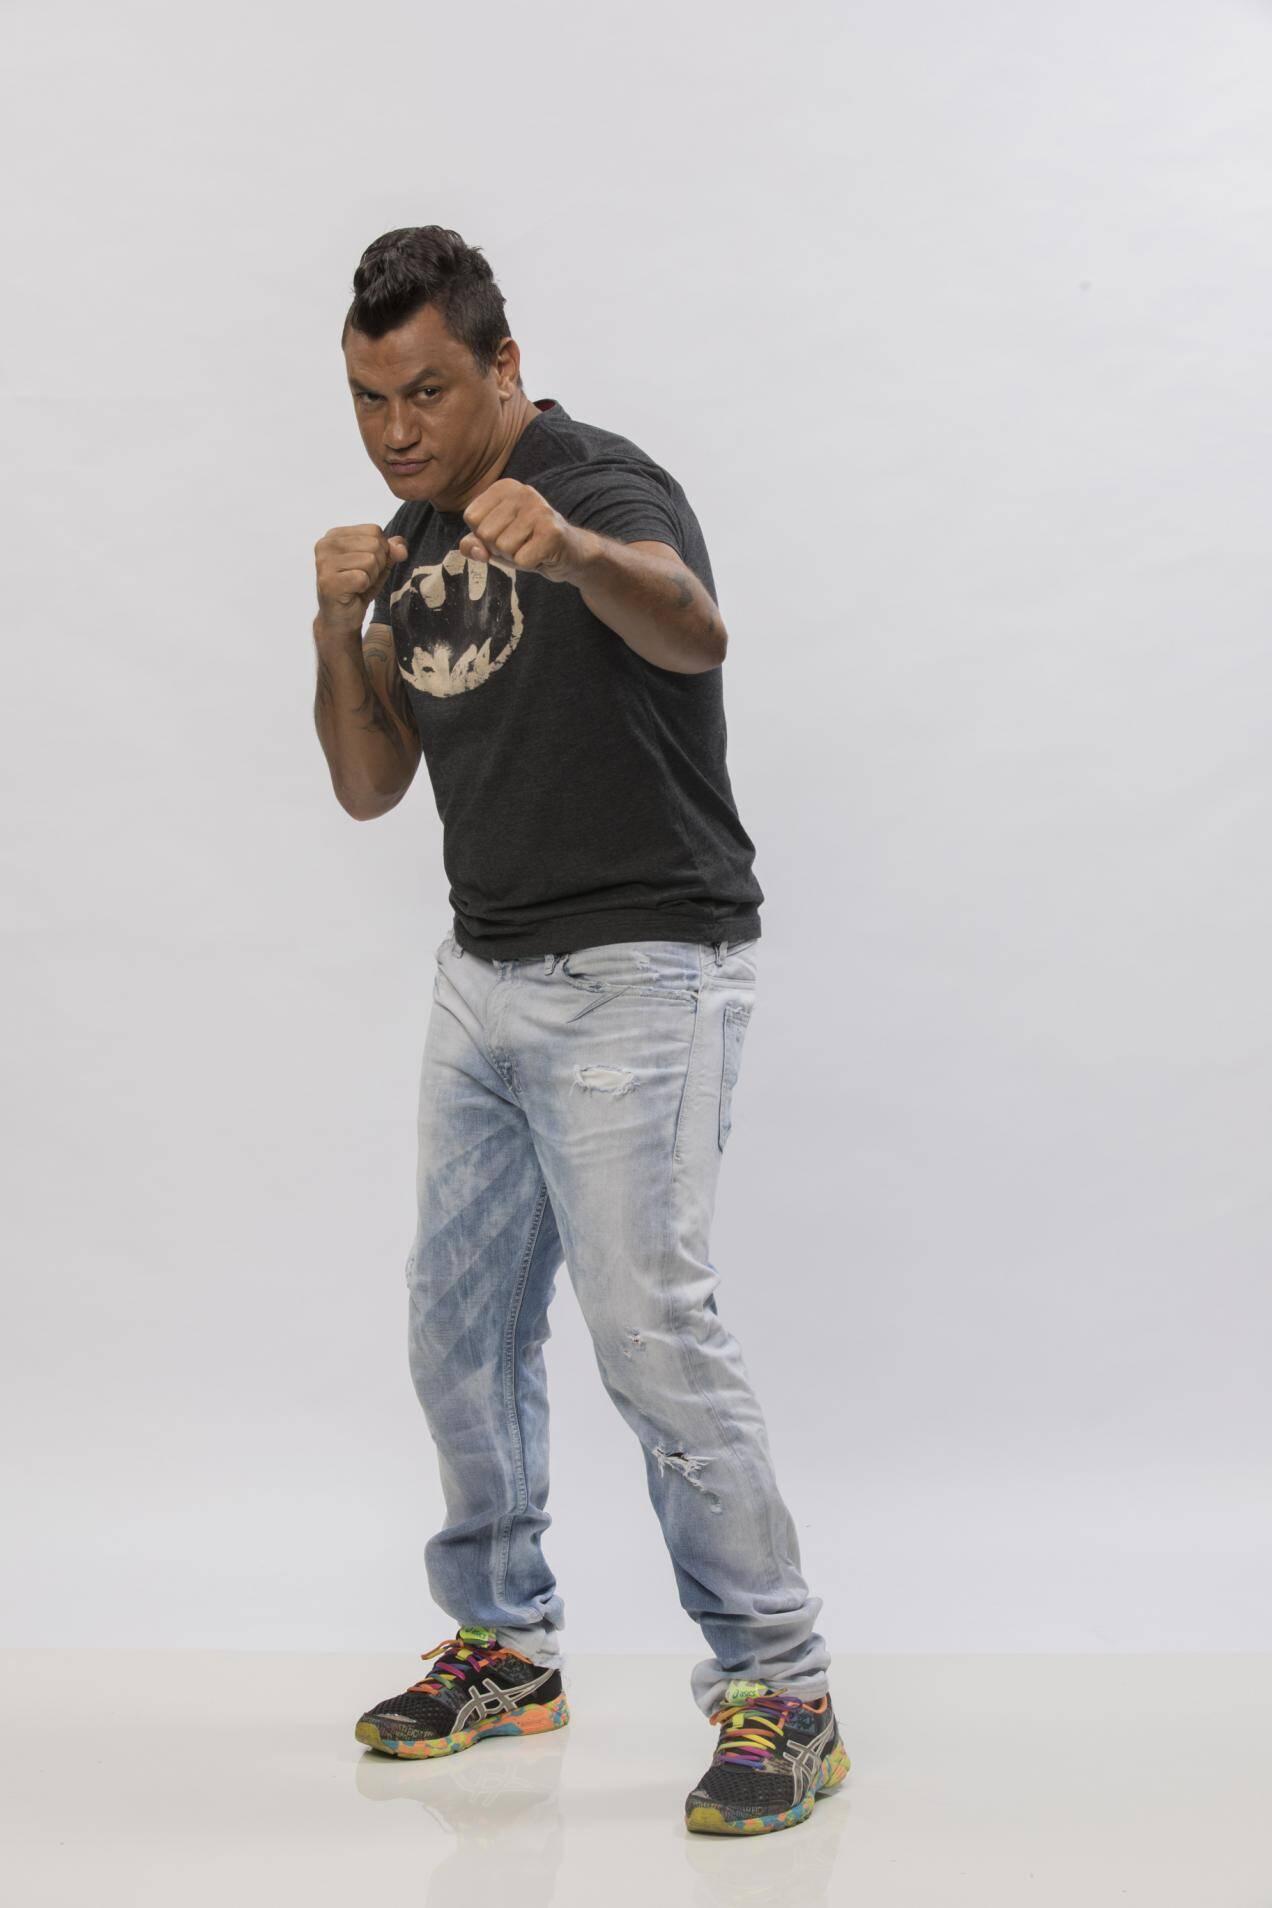 """Acelino Popó Freita, conhecido como """"Popó"""" é ex-boxeador e empresário, 42 anos. Foto: Divulgação"""